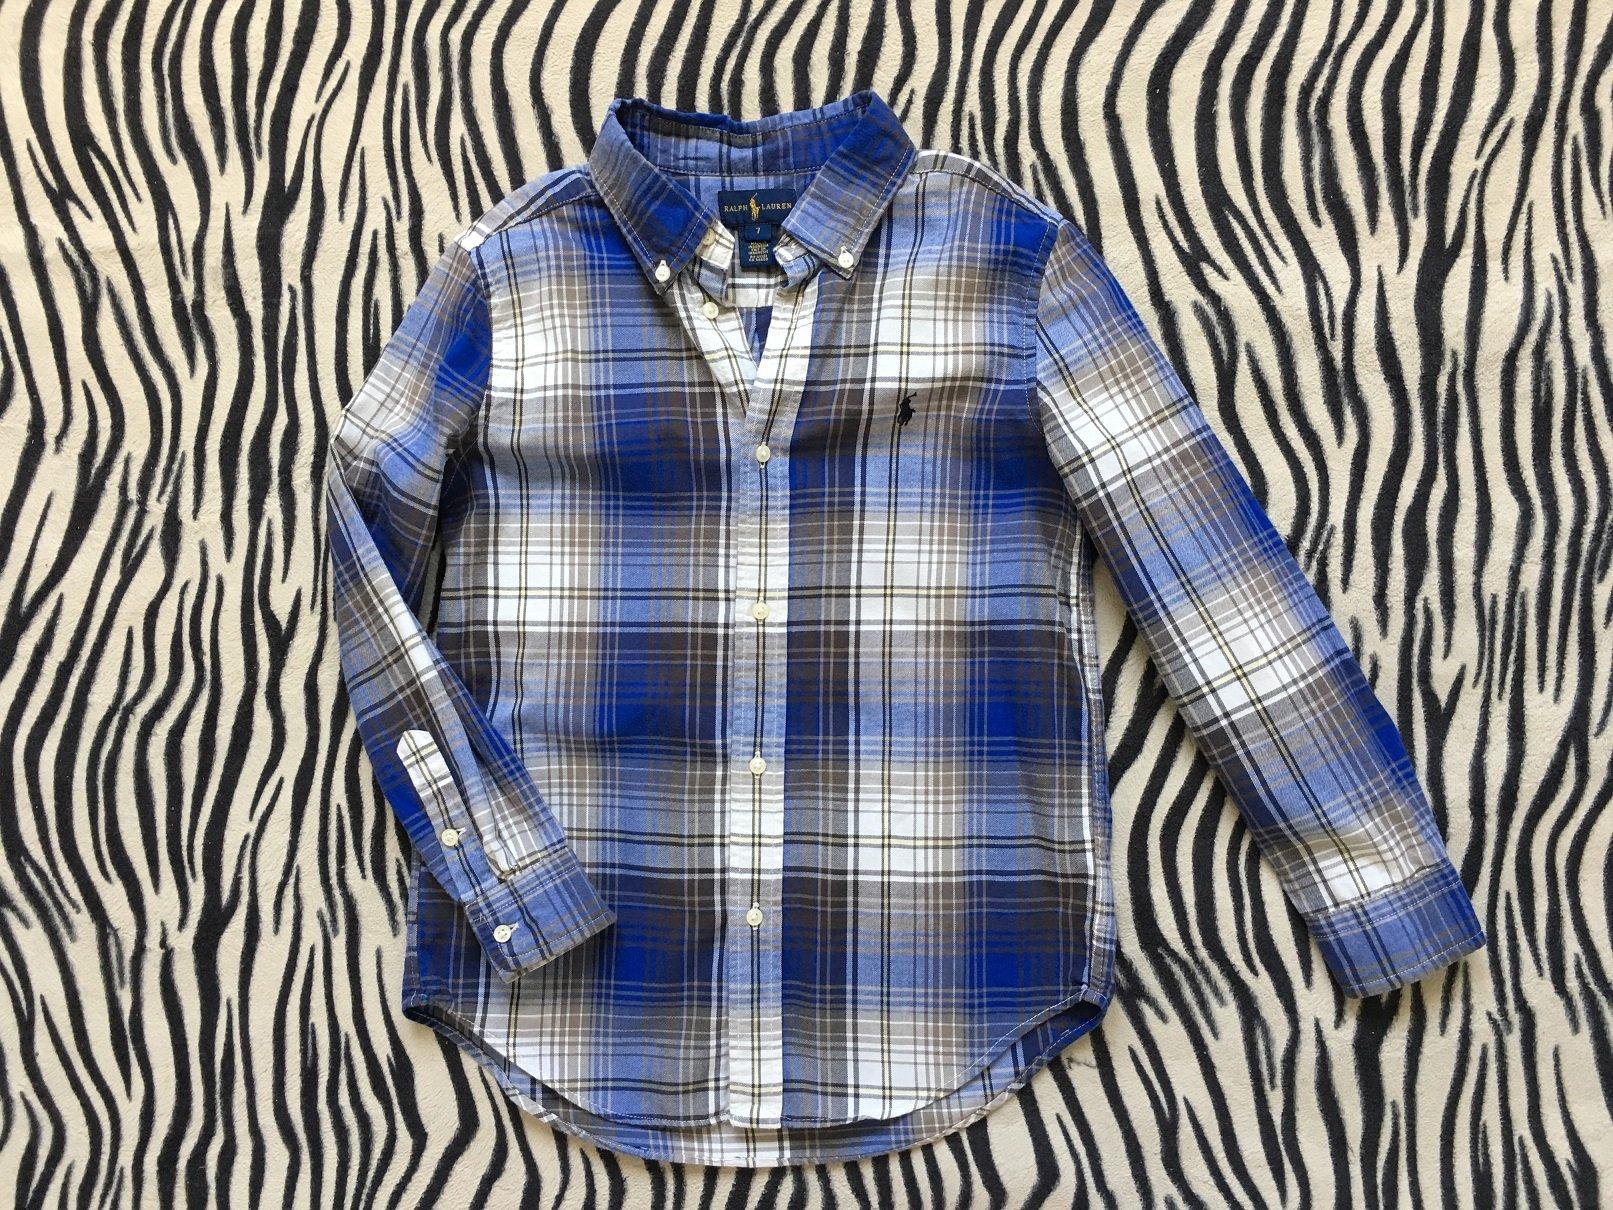 4806bf380 Ralph Lauren koszula w kratke dla synka size 7y - 7284223236 ...